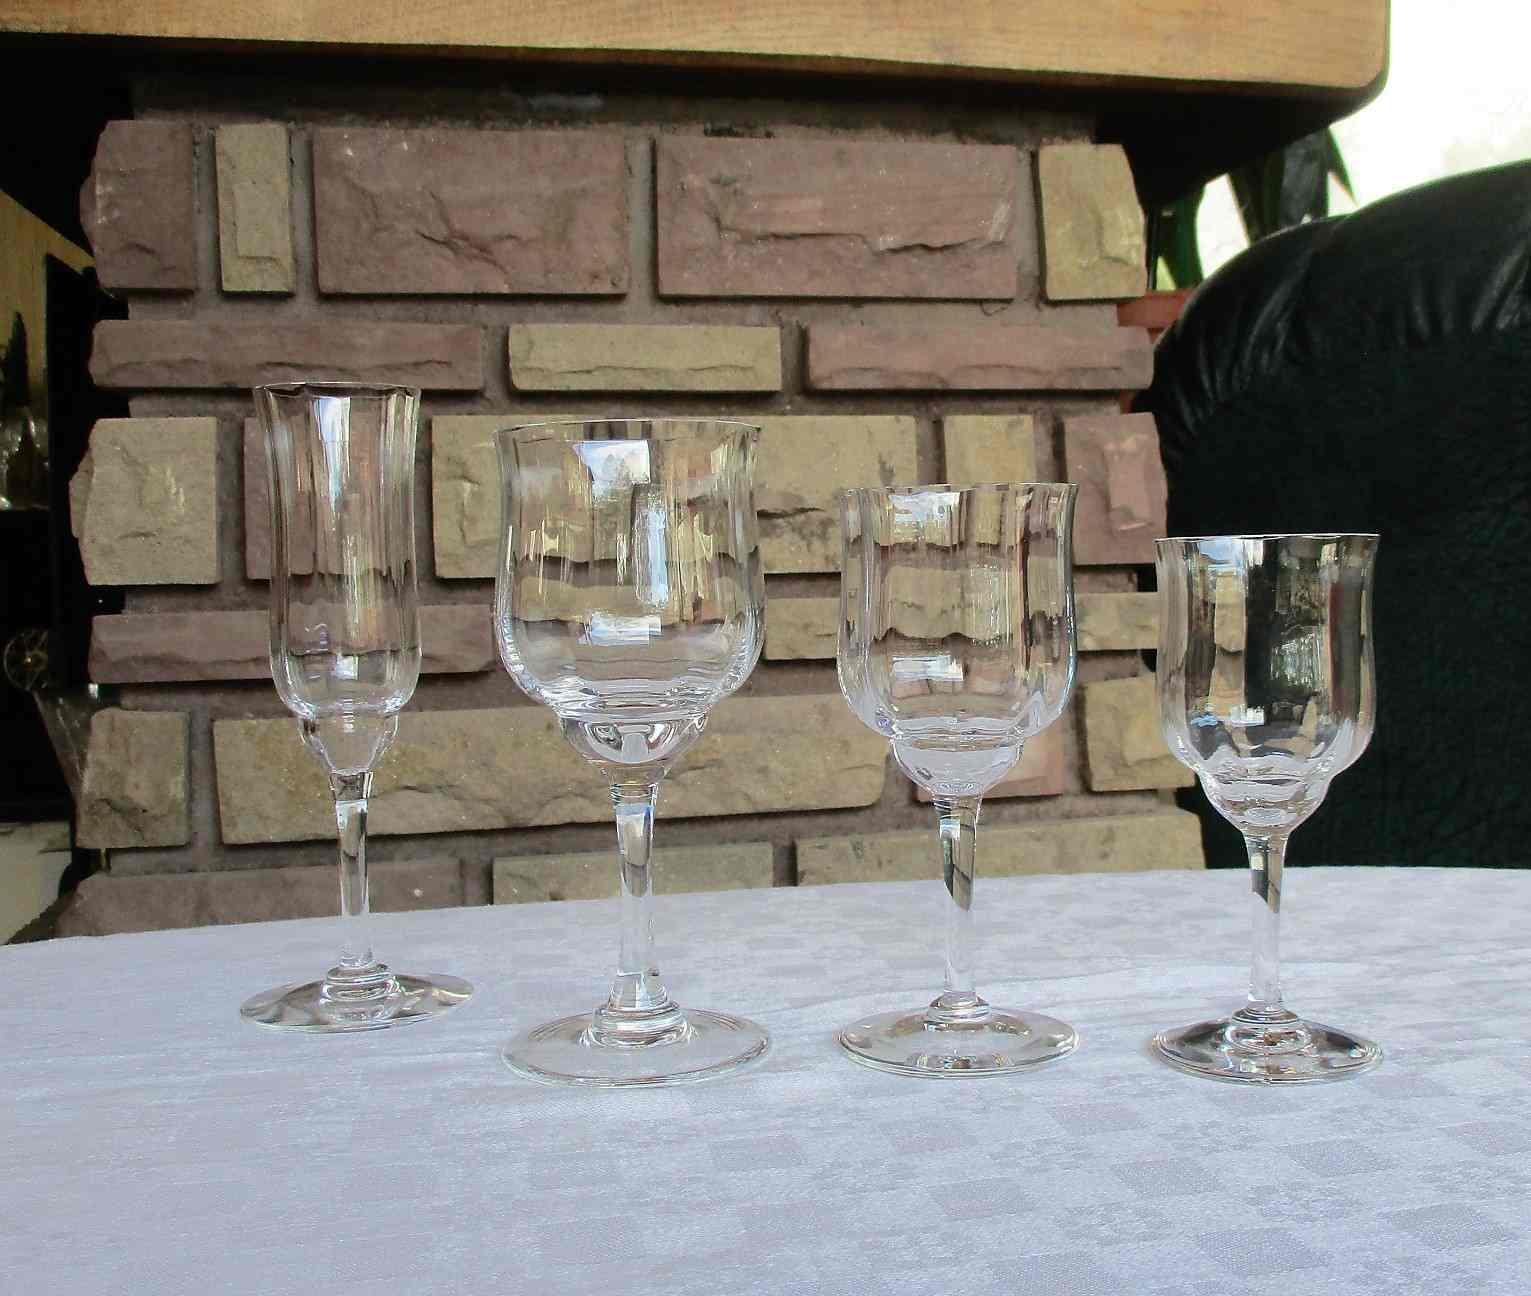 Service de verres Capri. Cristal Baccarat